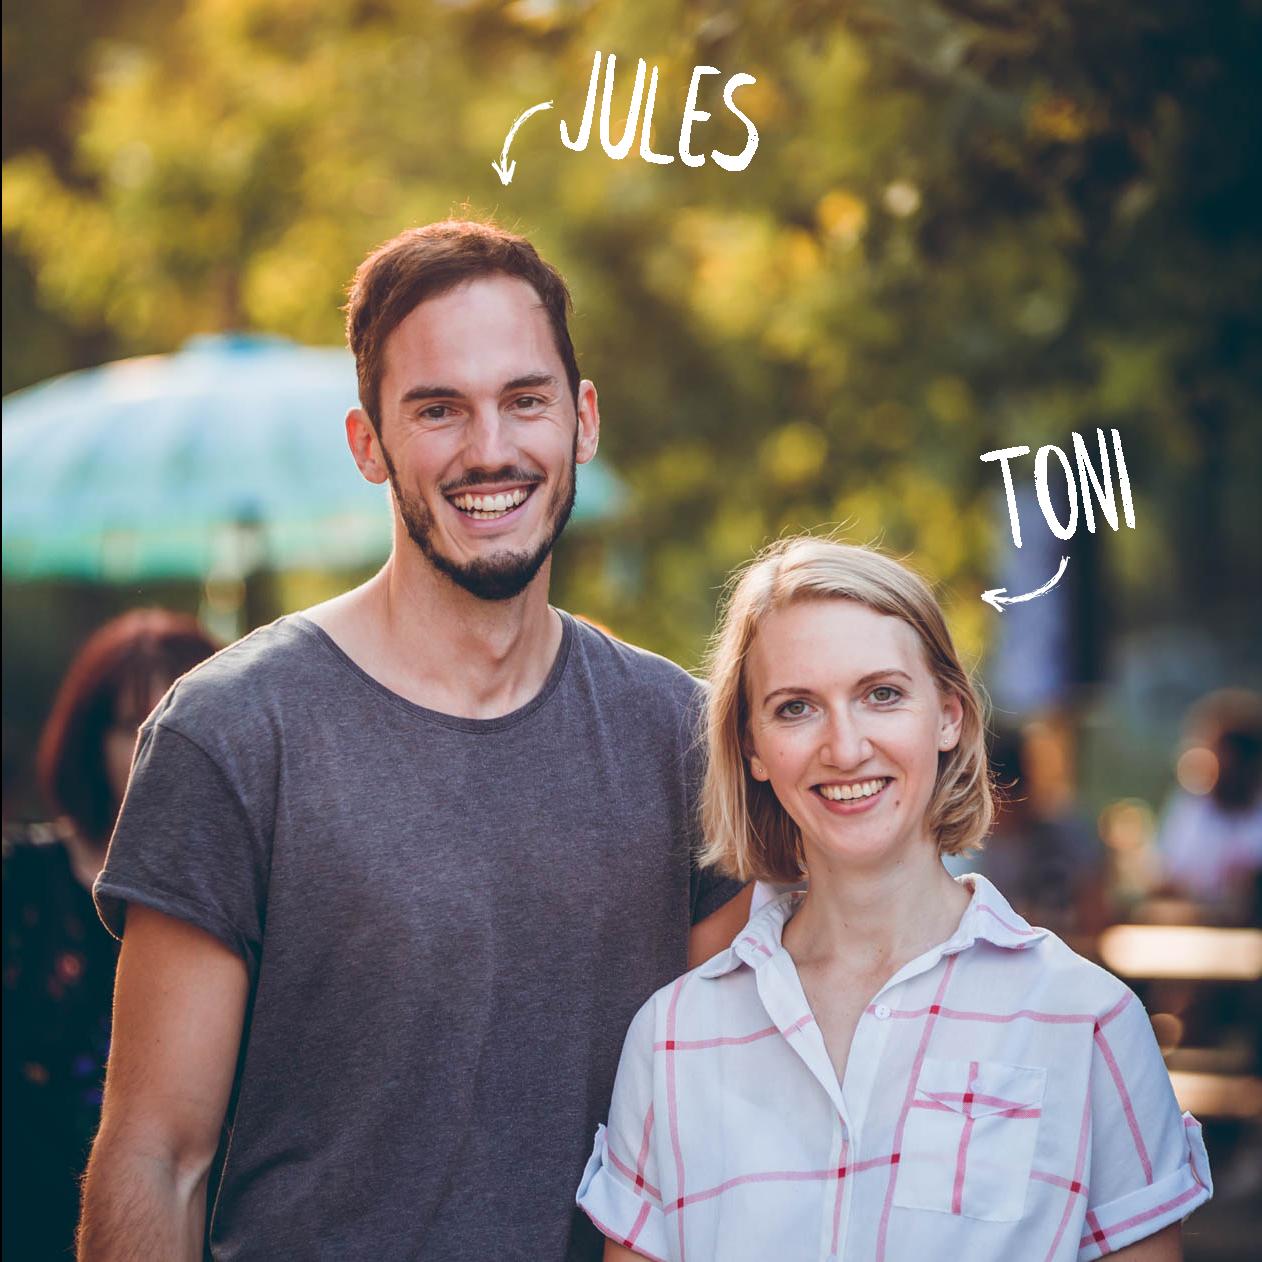 Zwei Hochzeitsfotografen aus München - Toni & Jules